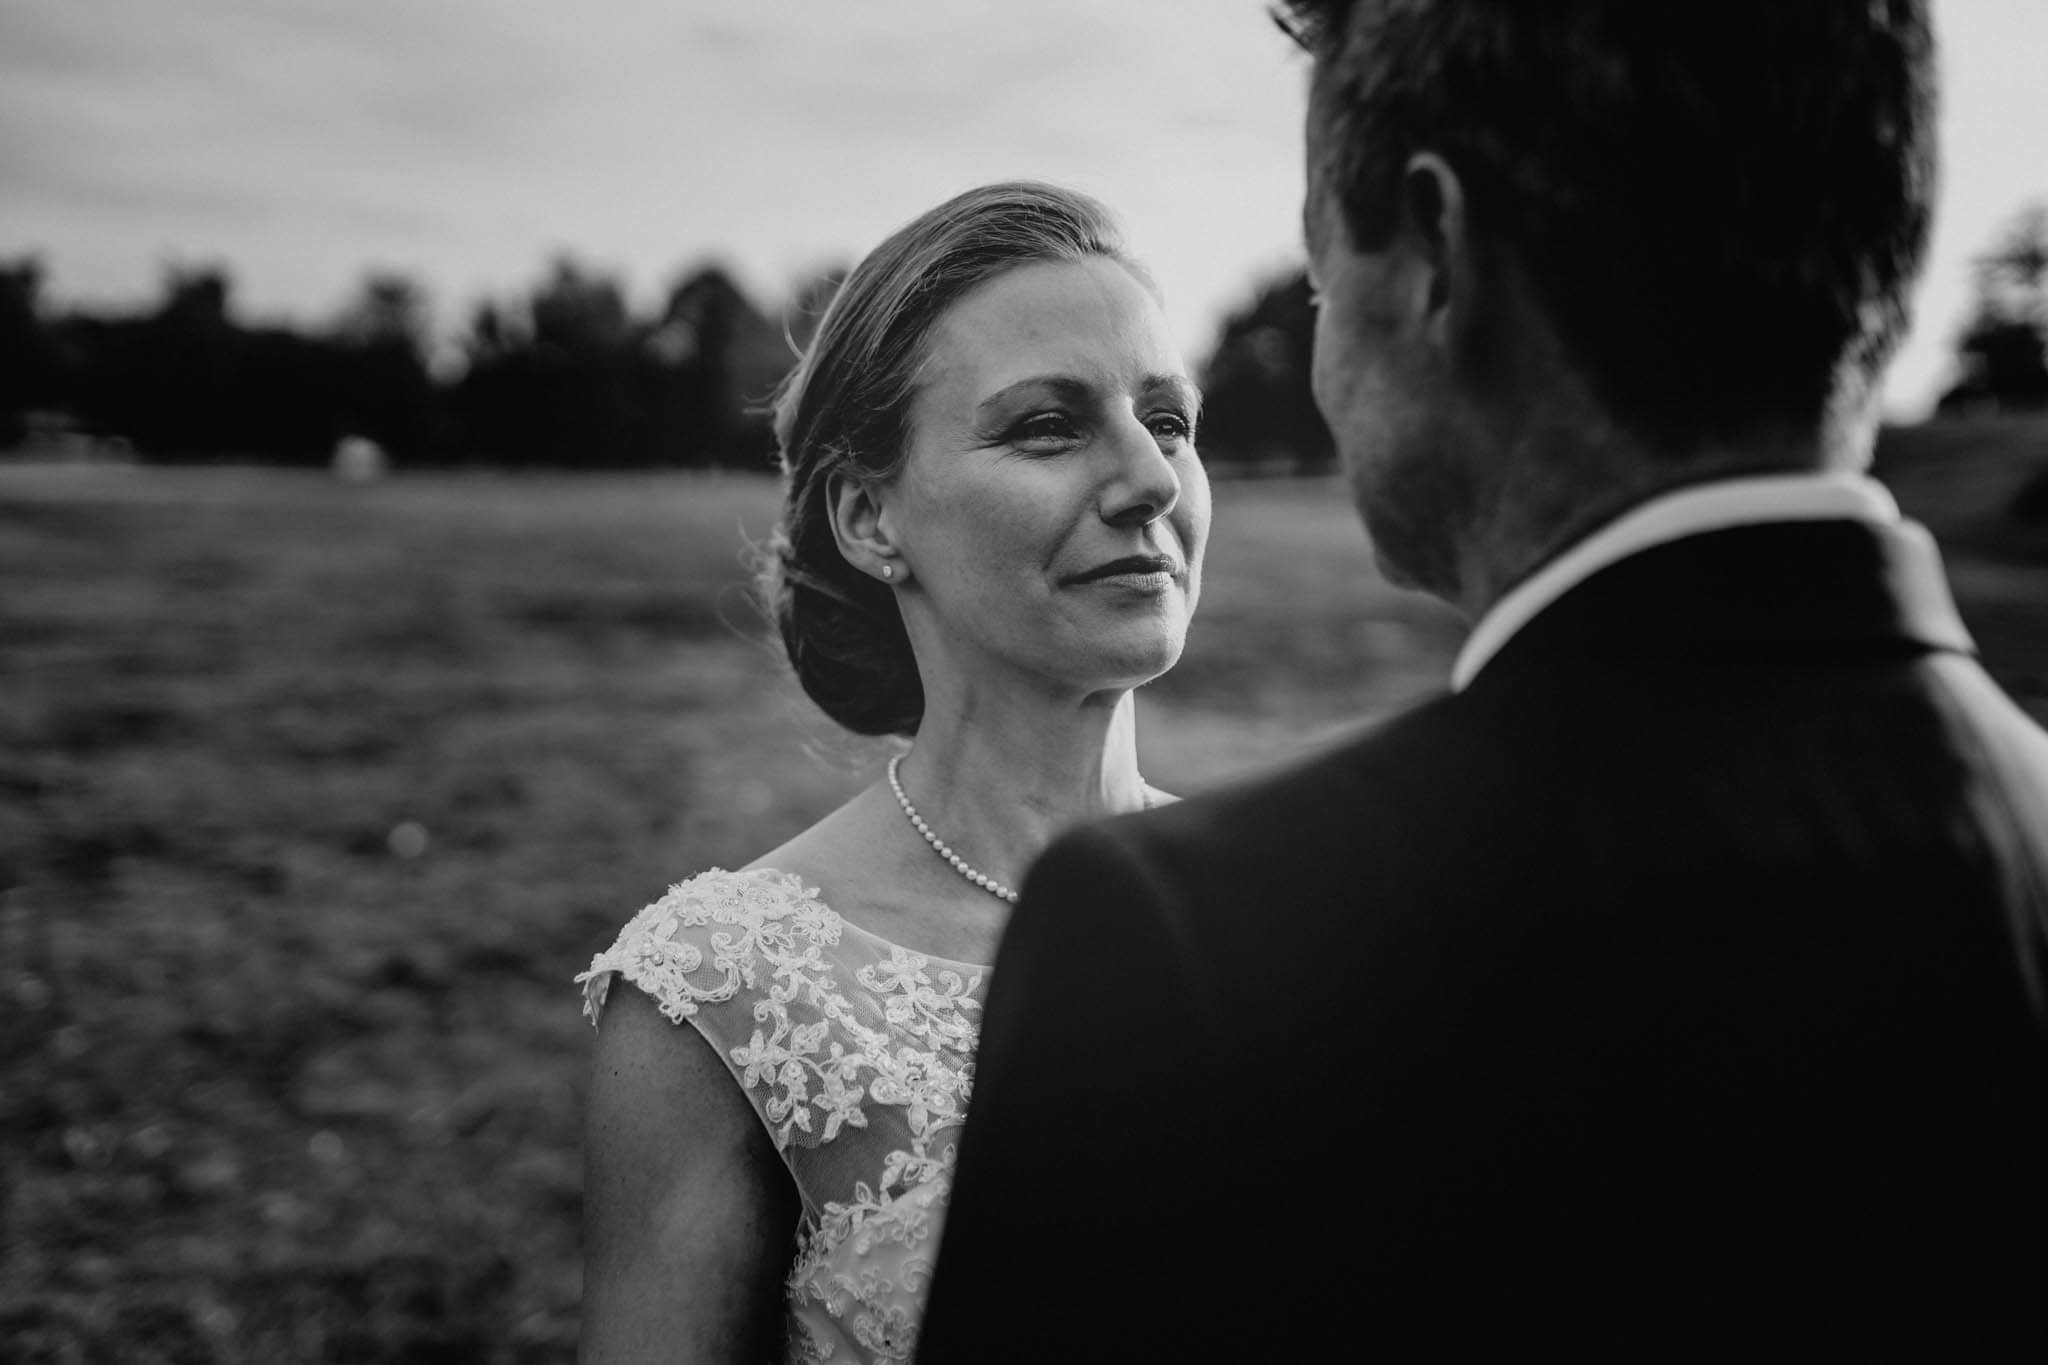 Hochzeitsfieber by Photo-Schomburg, Hochzeitsfotograf, Hamburg,Hochzeitstag, Hochzeitspaar, Braut, Bräutigam, Kaltenkirchen-128